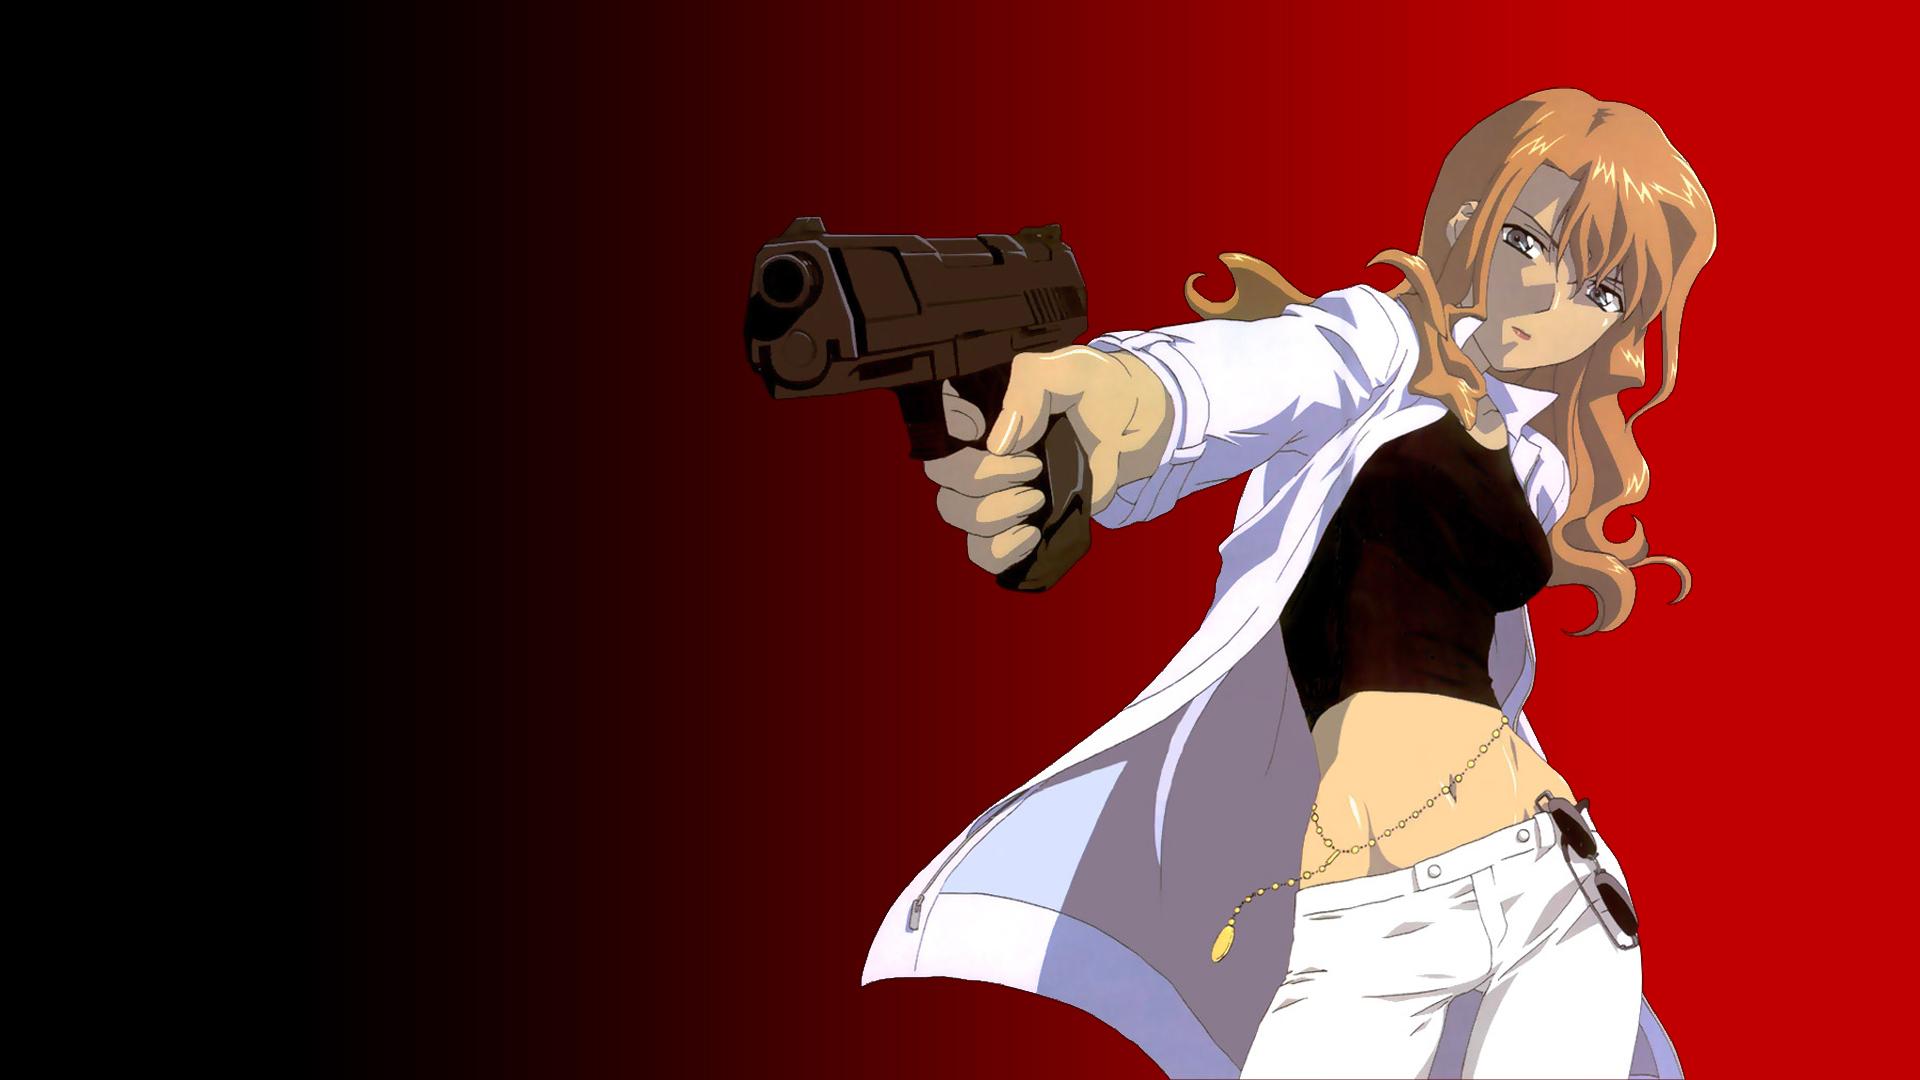 gun mireille_bouquet noir weapon